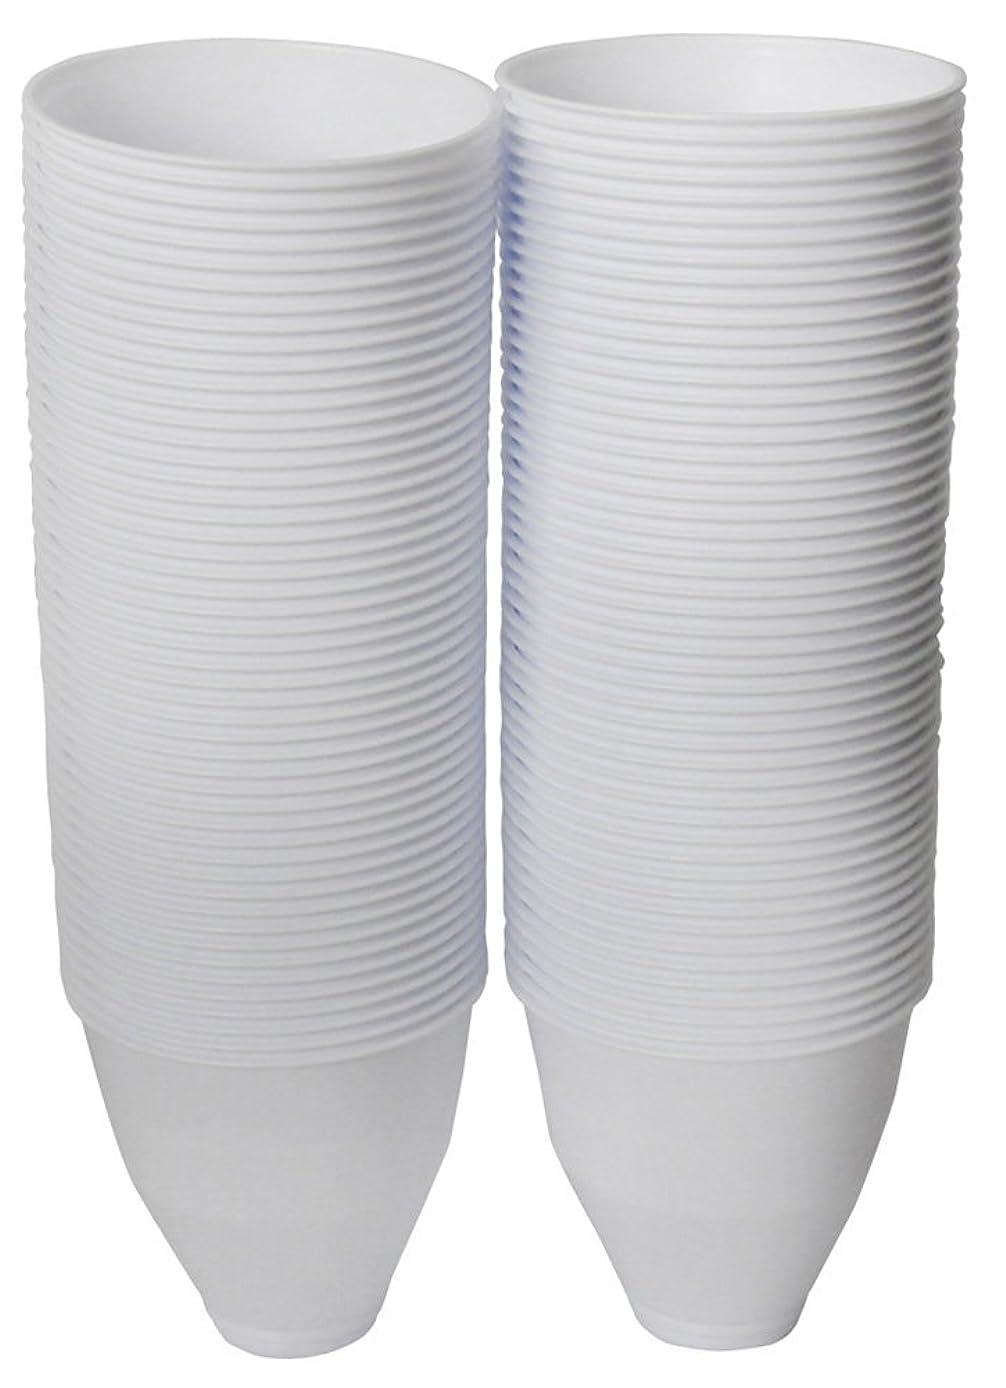 共産主義者輝度練習した業務用 インサートカップ 210ml F型 100個入 (カップホルダー 別売り)